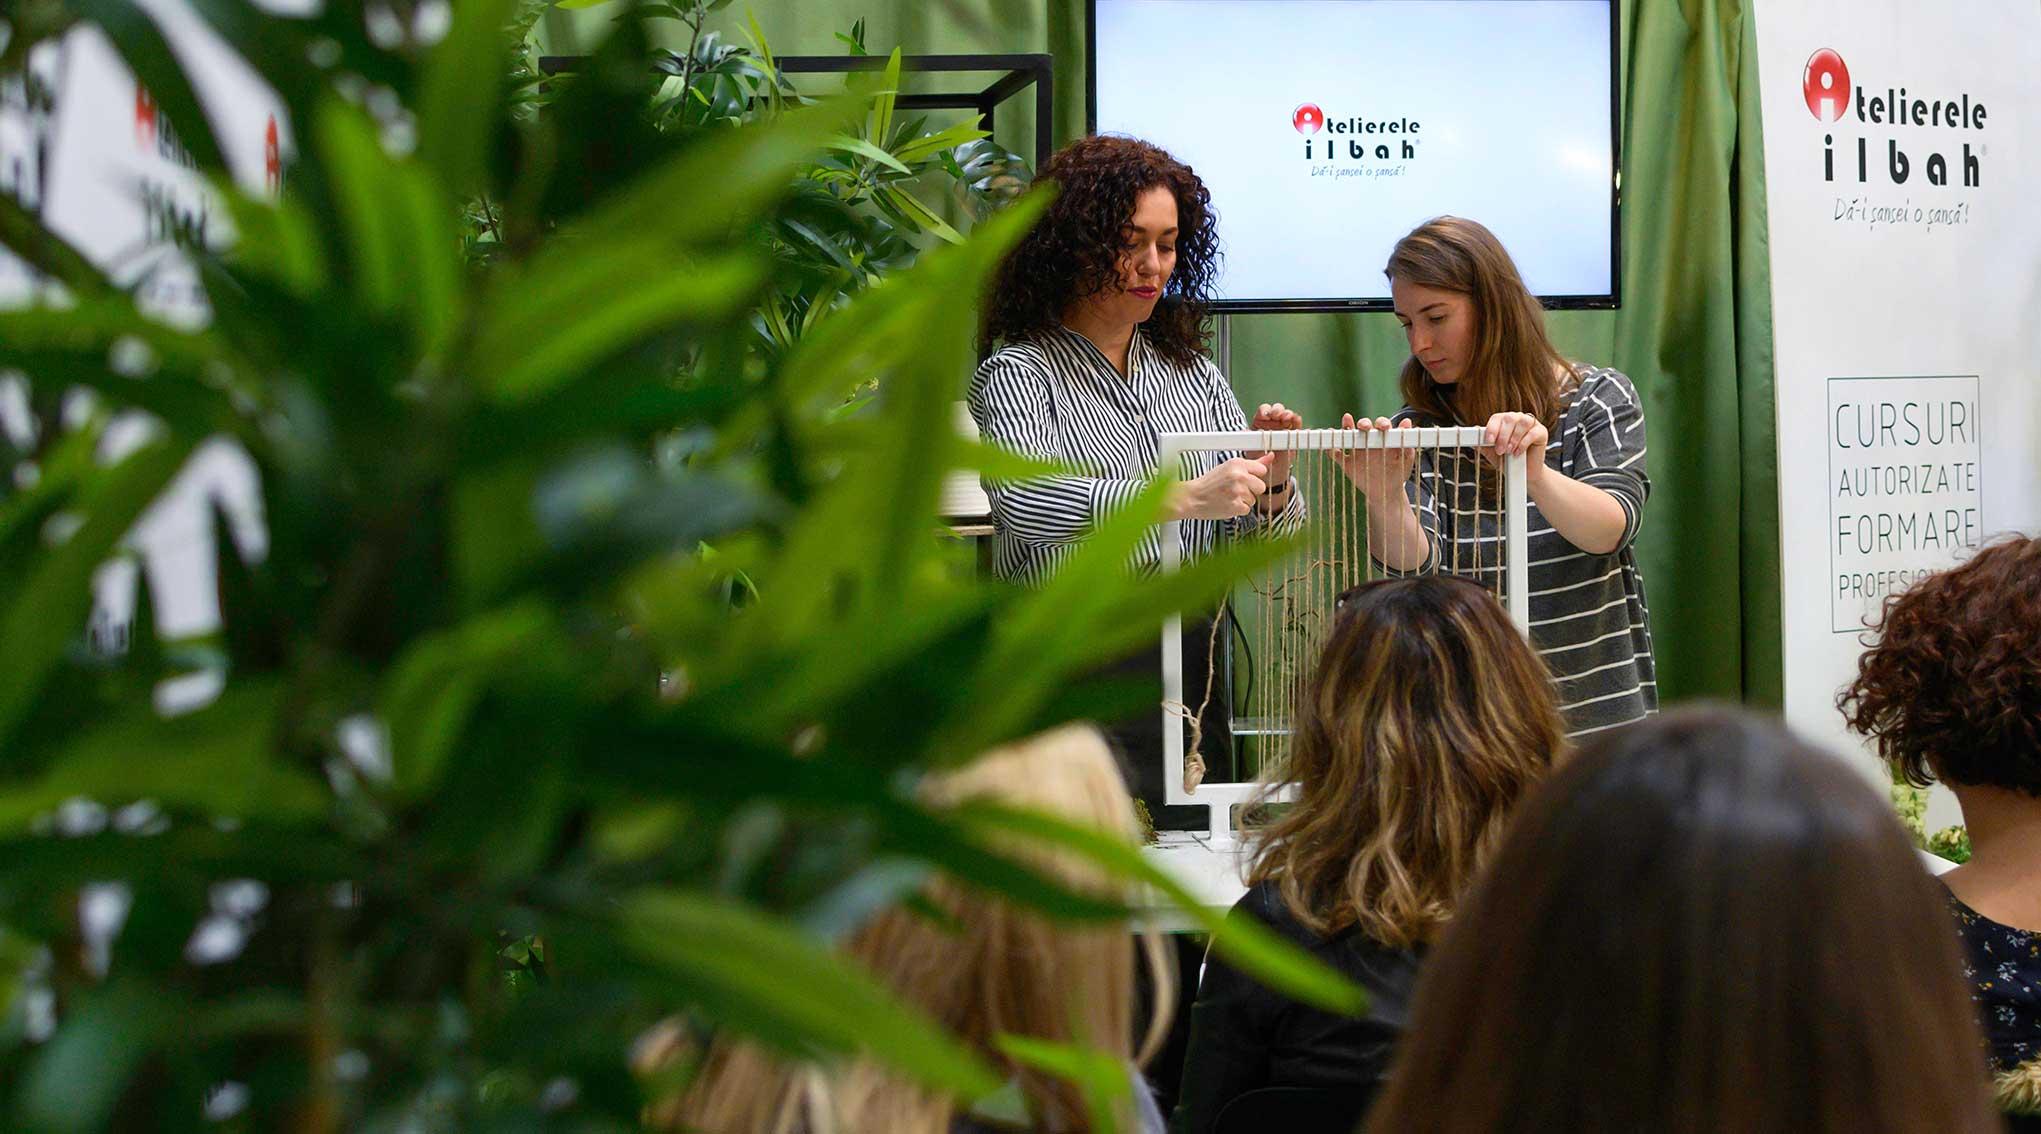 workshop-uri-demonstratii-si-conferinte-marca-atelierele-ilbah-pe-parcursul-a-4-zile-in-cadrul-romexpo-61